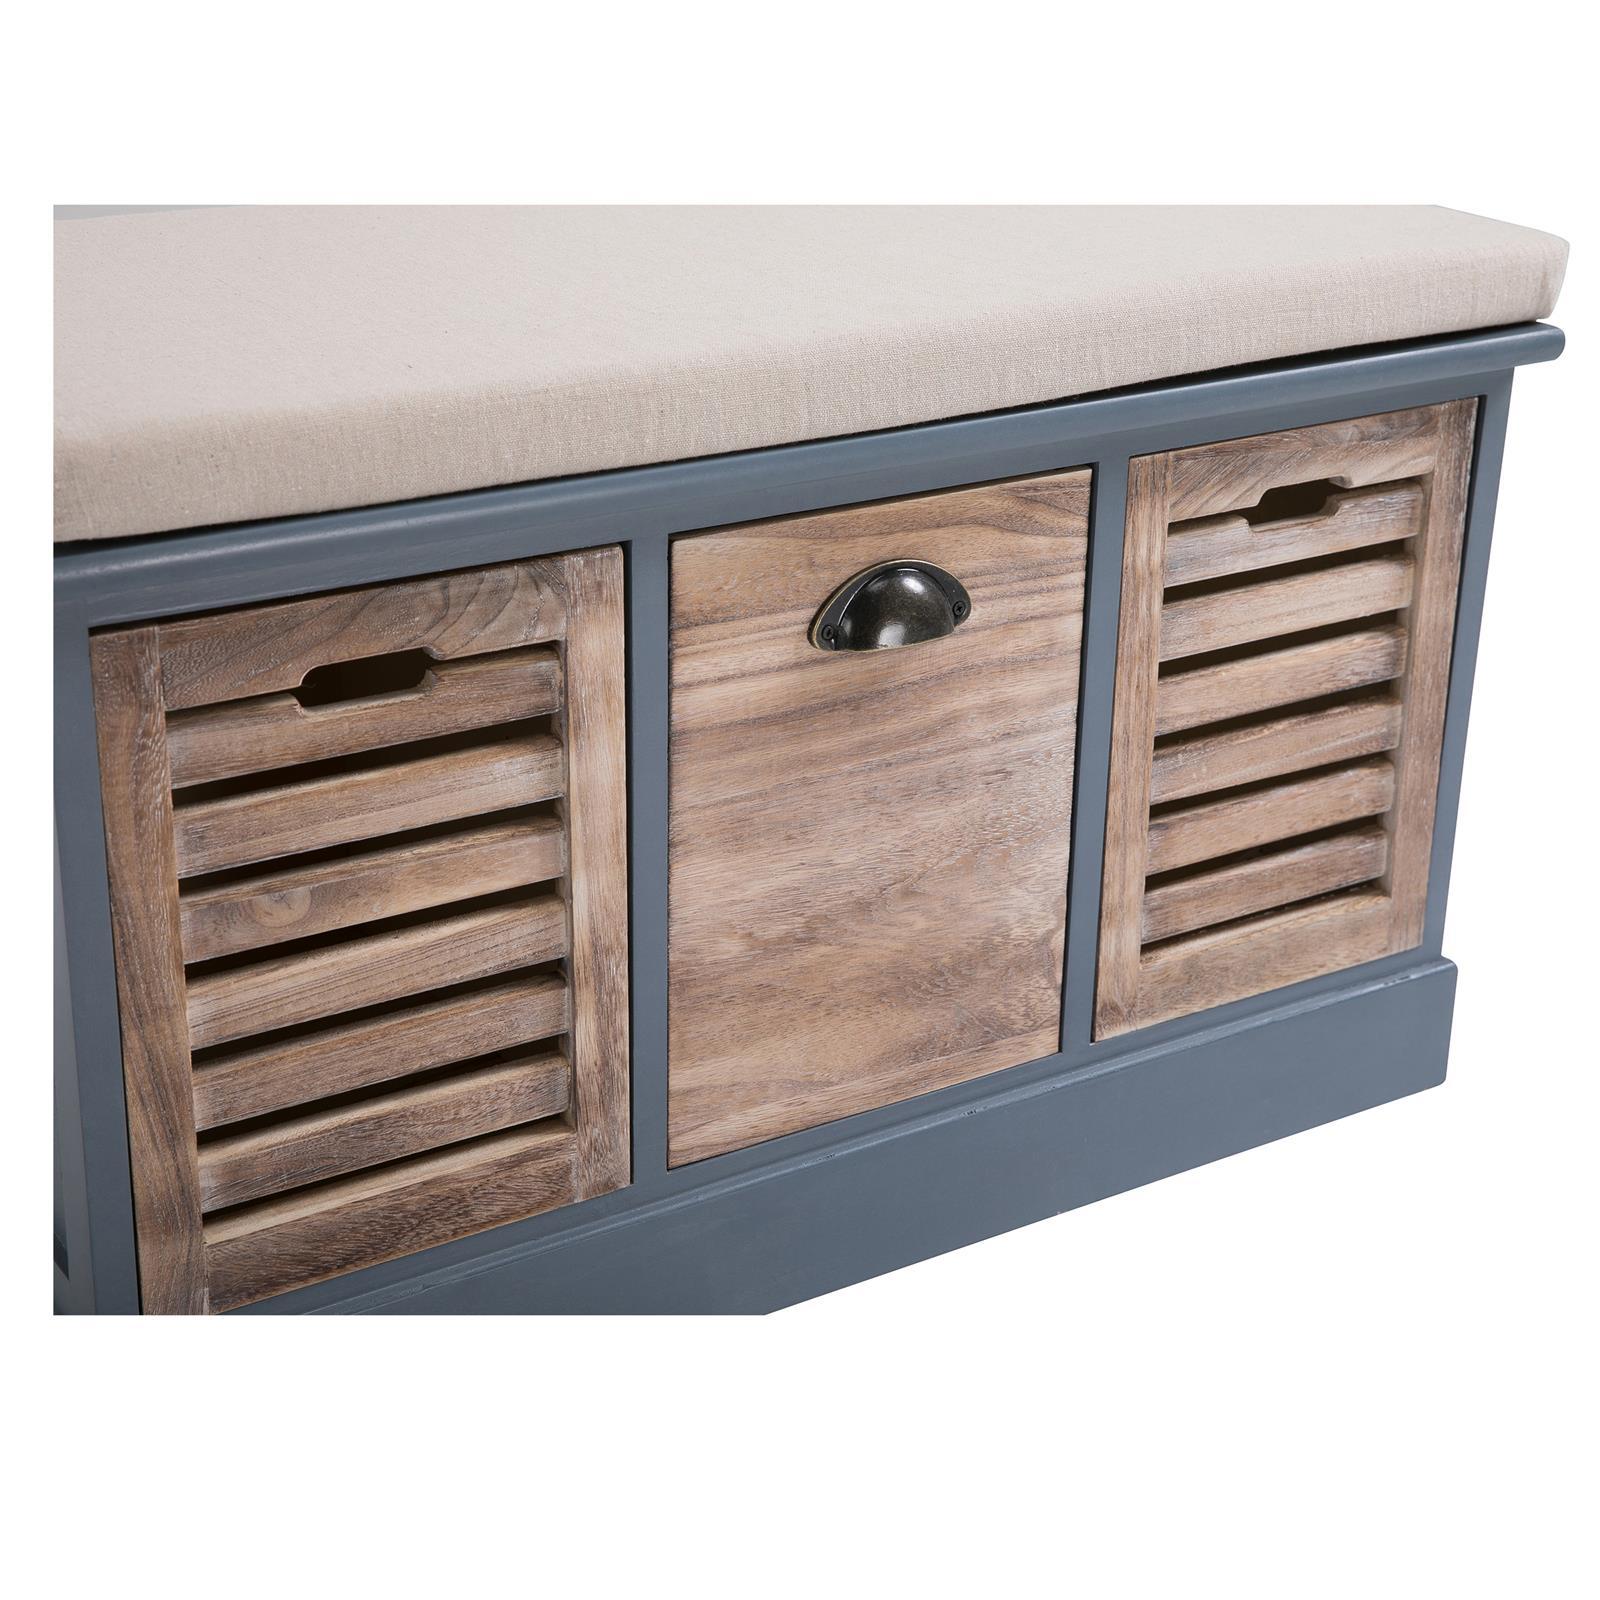 Banc de rangement TRIENT, 3 caisses, gris et finition bois naturel - | Mobil-Meubles